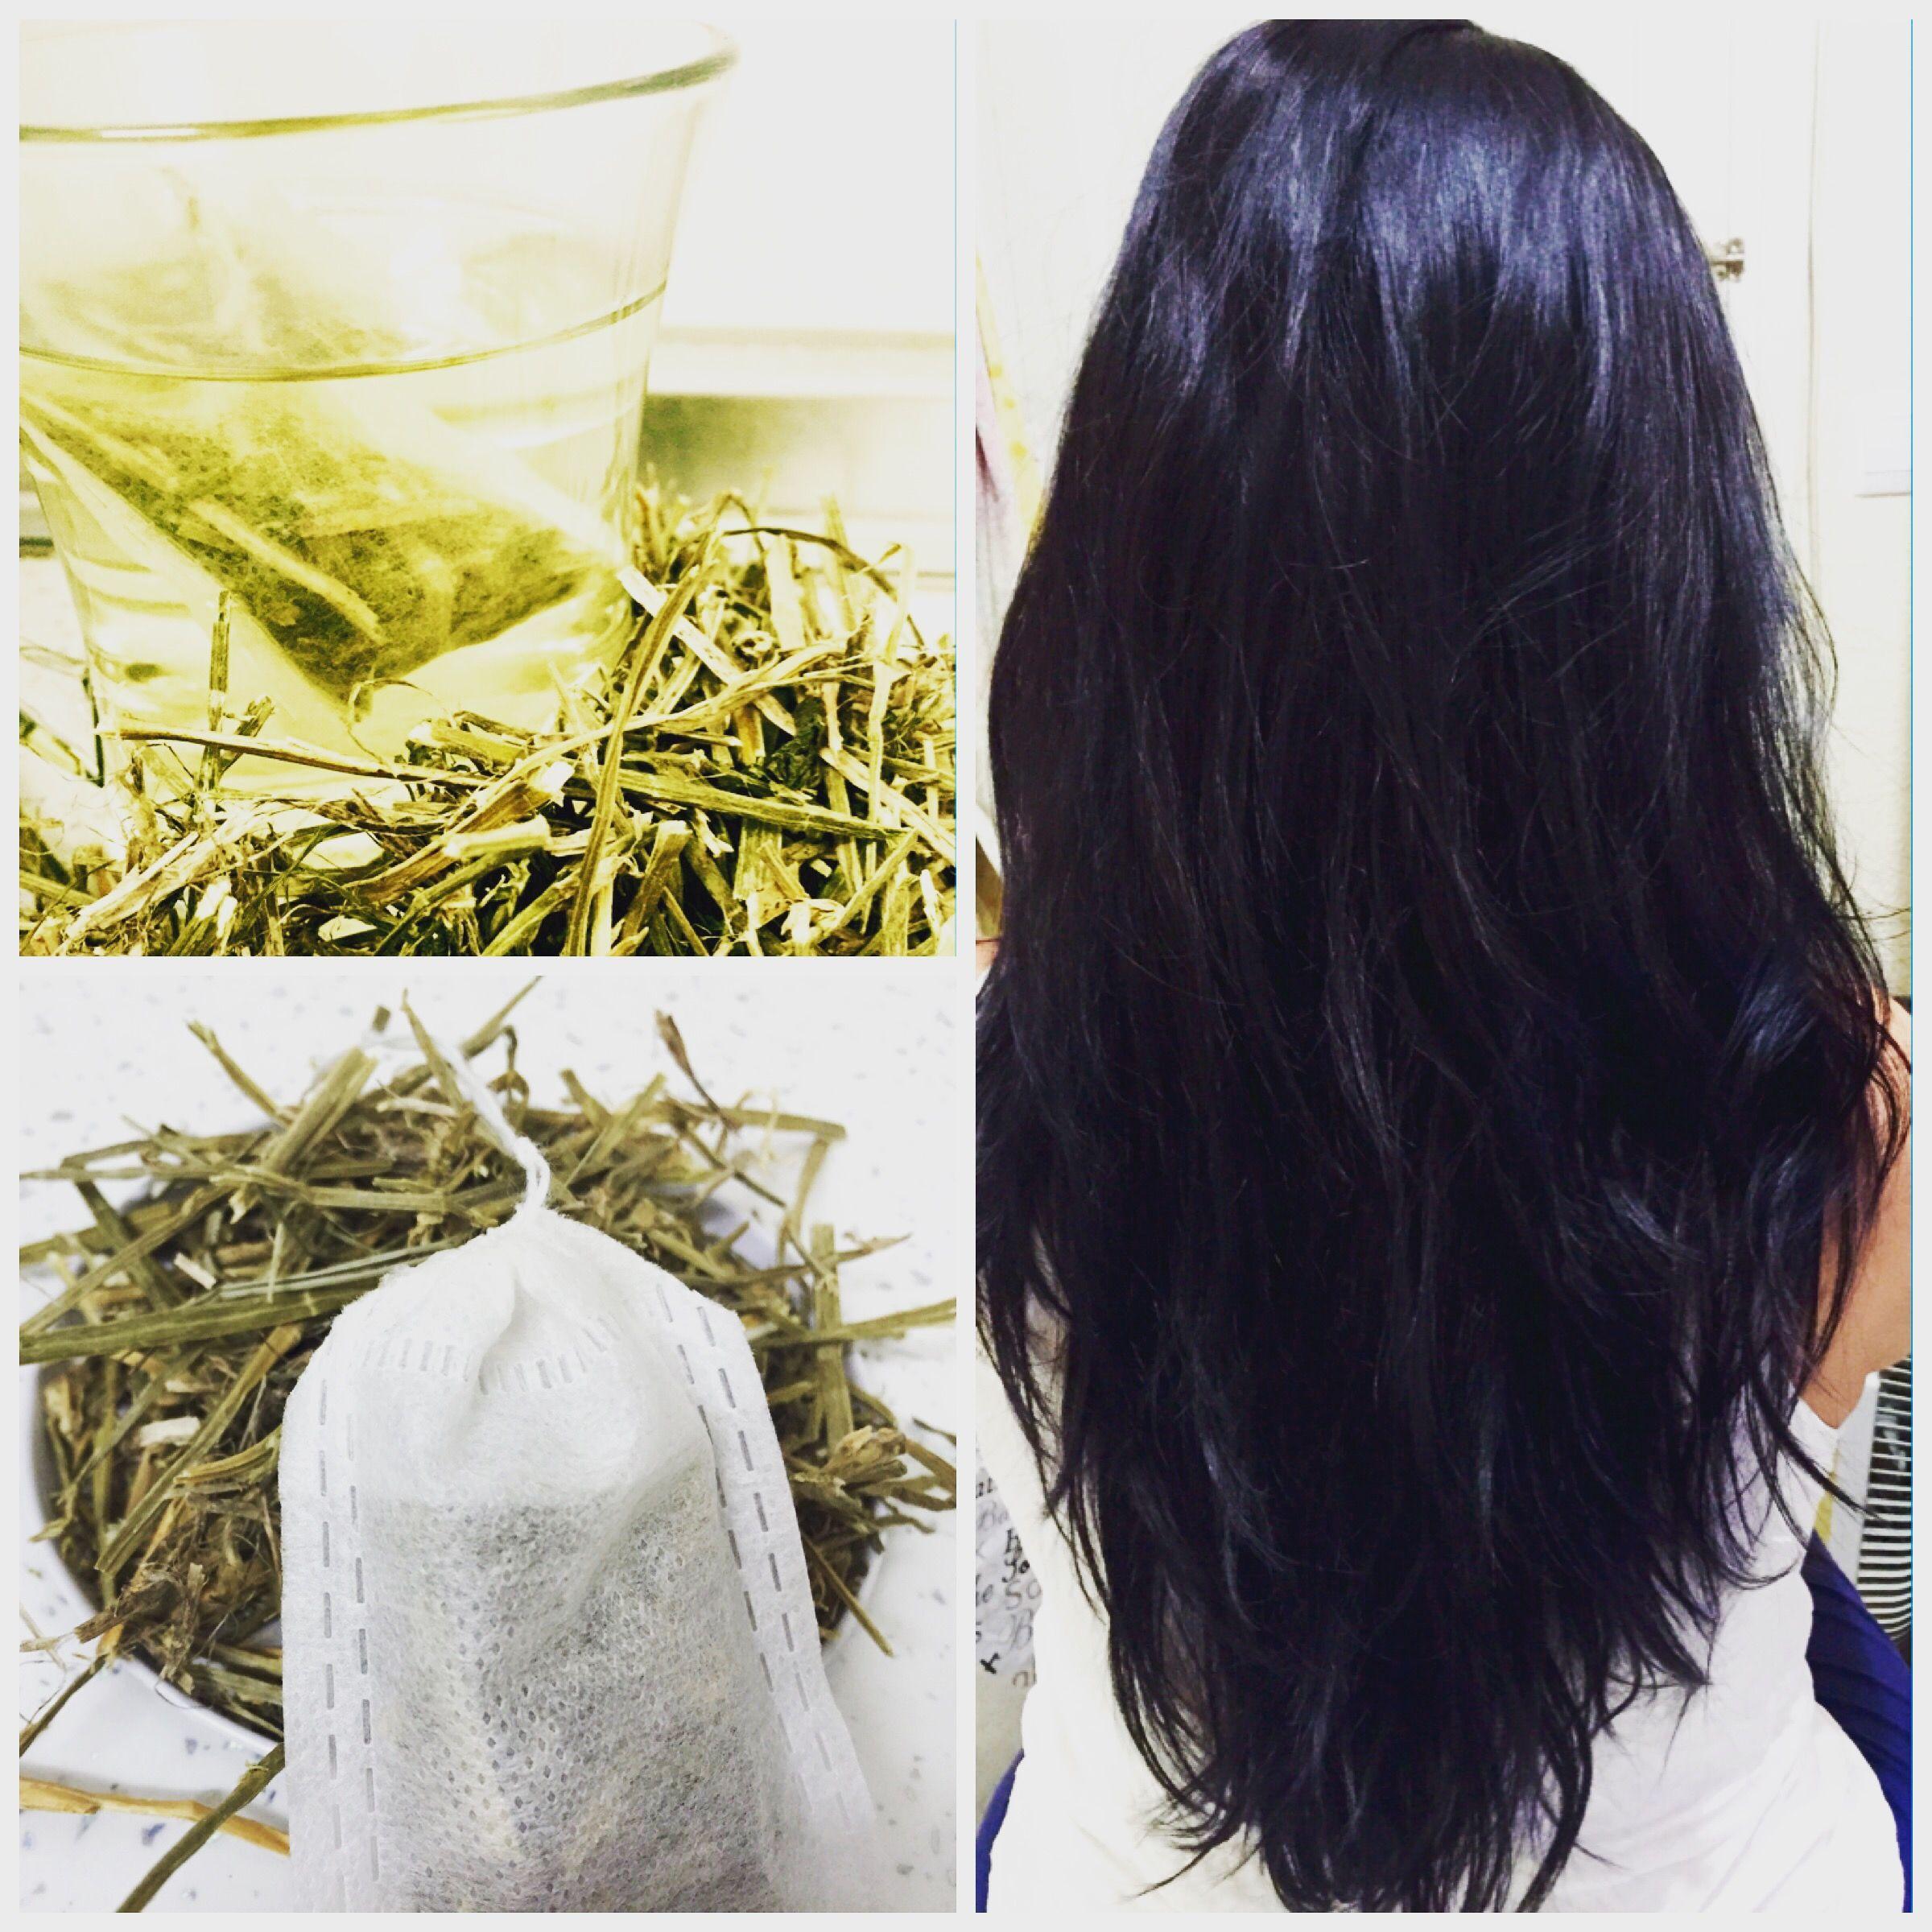 Quieren conocer mi secreto para tener un cabello largo, sano y brilloso todo el año??? Pues pasen y véanlo en mi web!!! Www.tesycafesdelmundo.com                              Gracias por todo, Abrazos de Bienestar KATHY'S TEAS  #té #tea #crecimientocabello #cabellosano #cabellobrillo